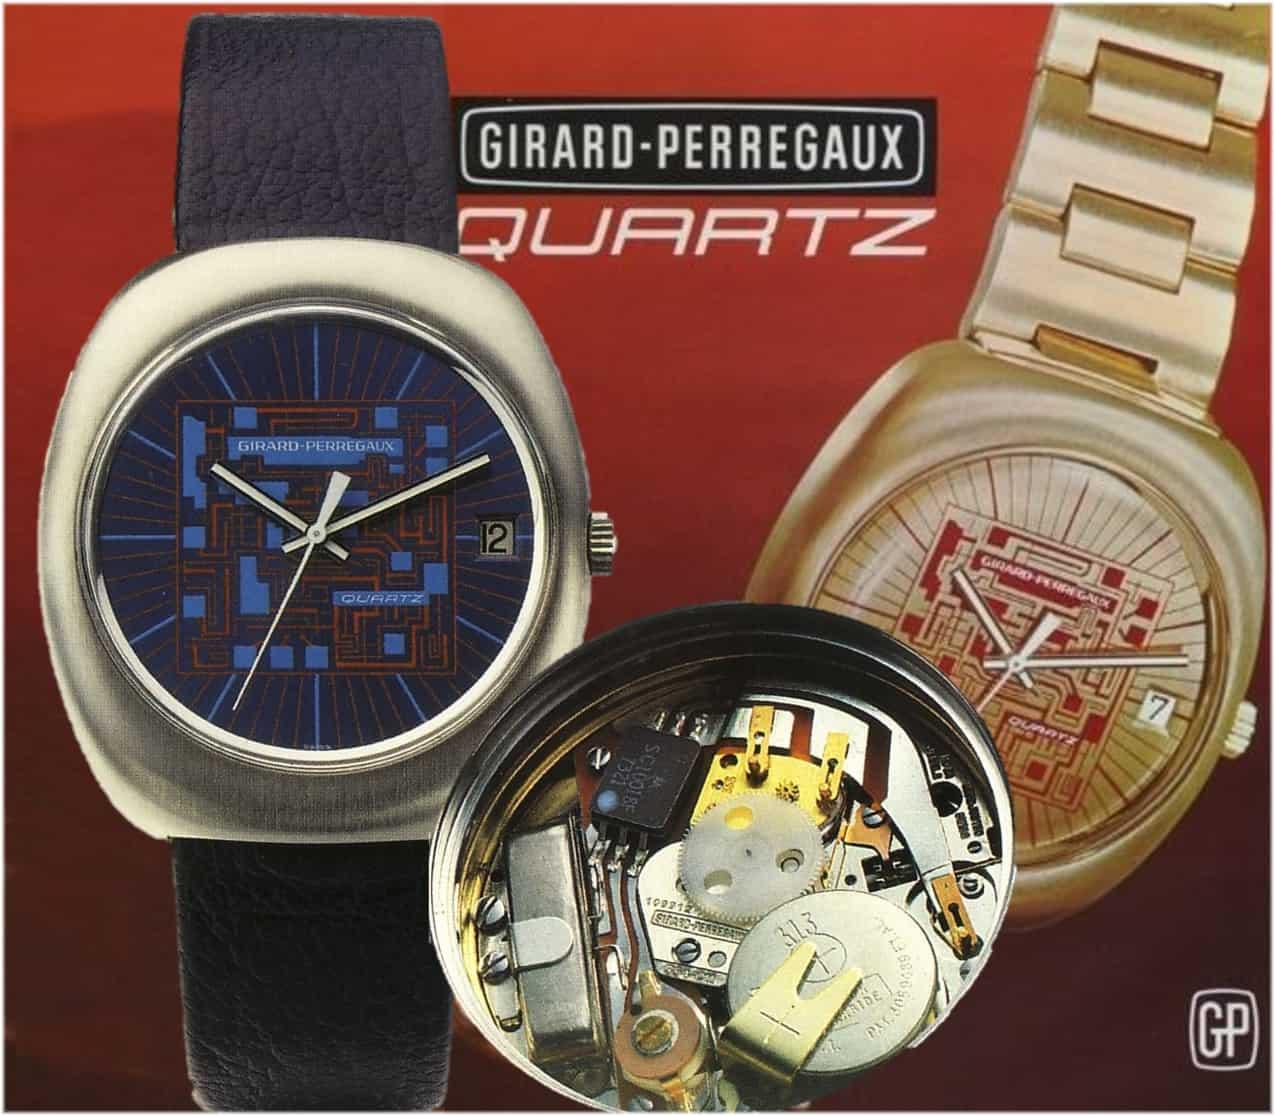 Erste digitale Quarzuhr: Girard-Perregaux Quartz